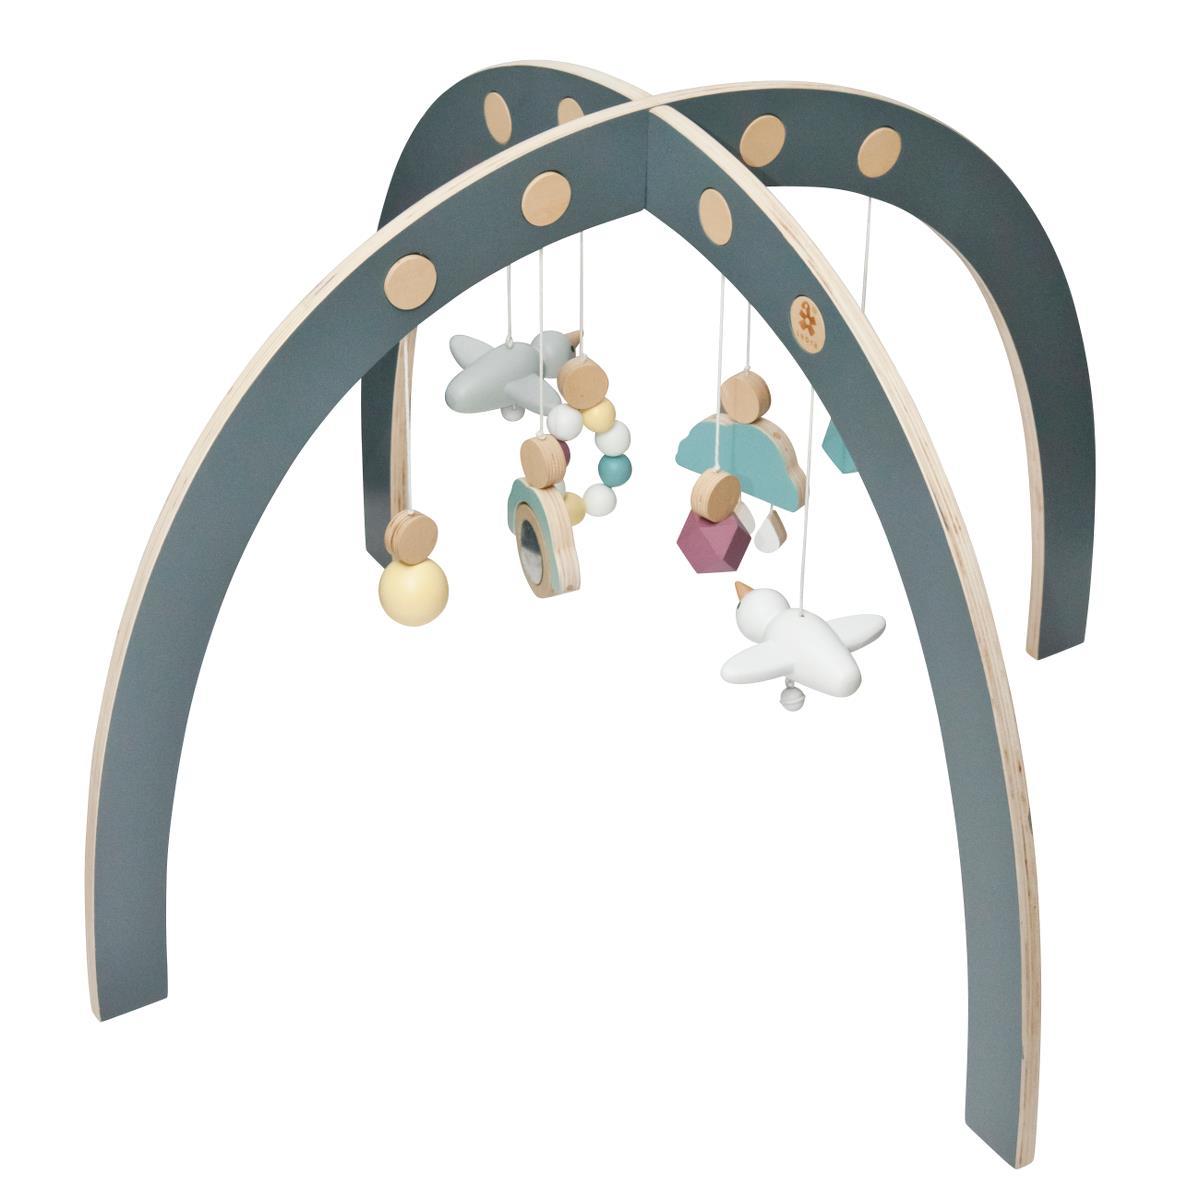 sebra Babygymnastikcenter Baby gym 3020302 - 01